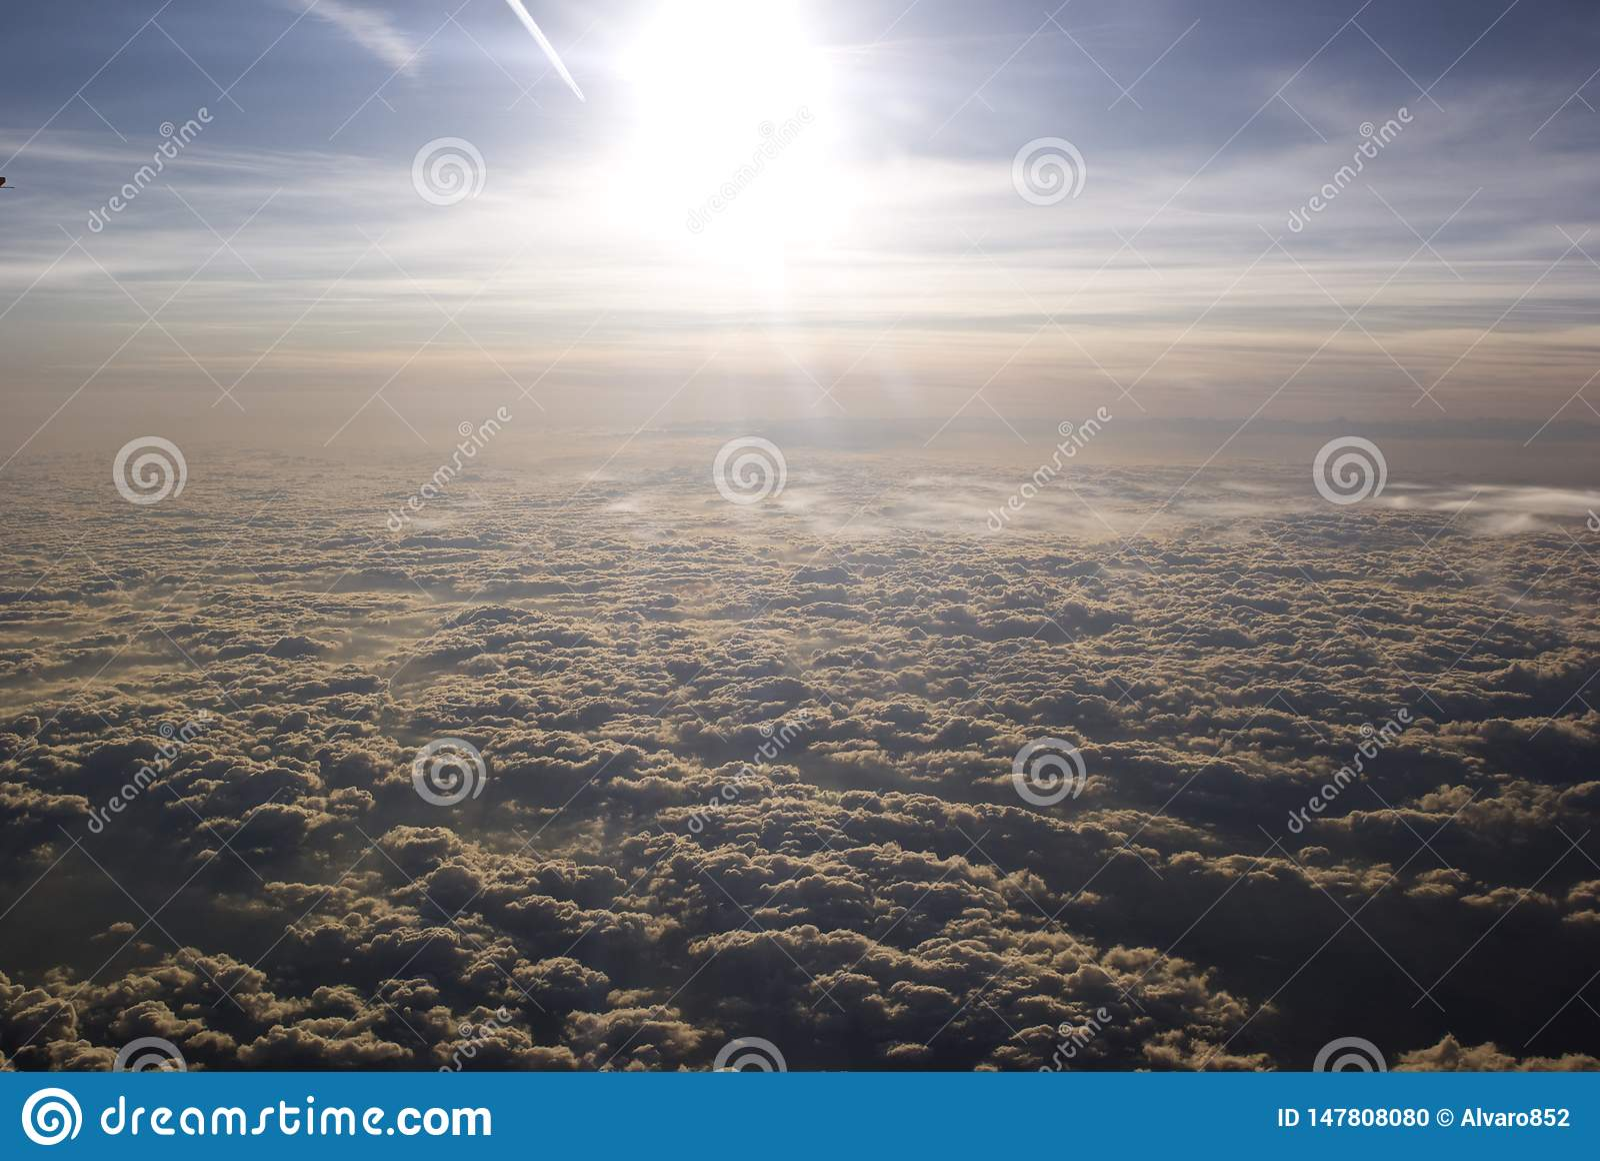 Ήλιος στο νεφελώδη ουρανό, άποψη αεροπλάνων